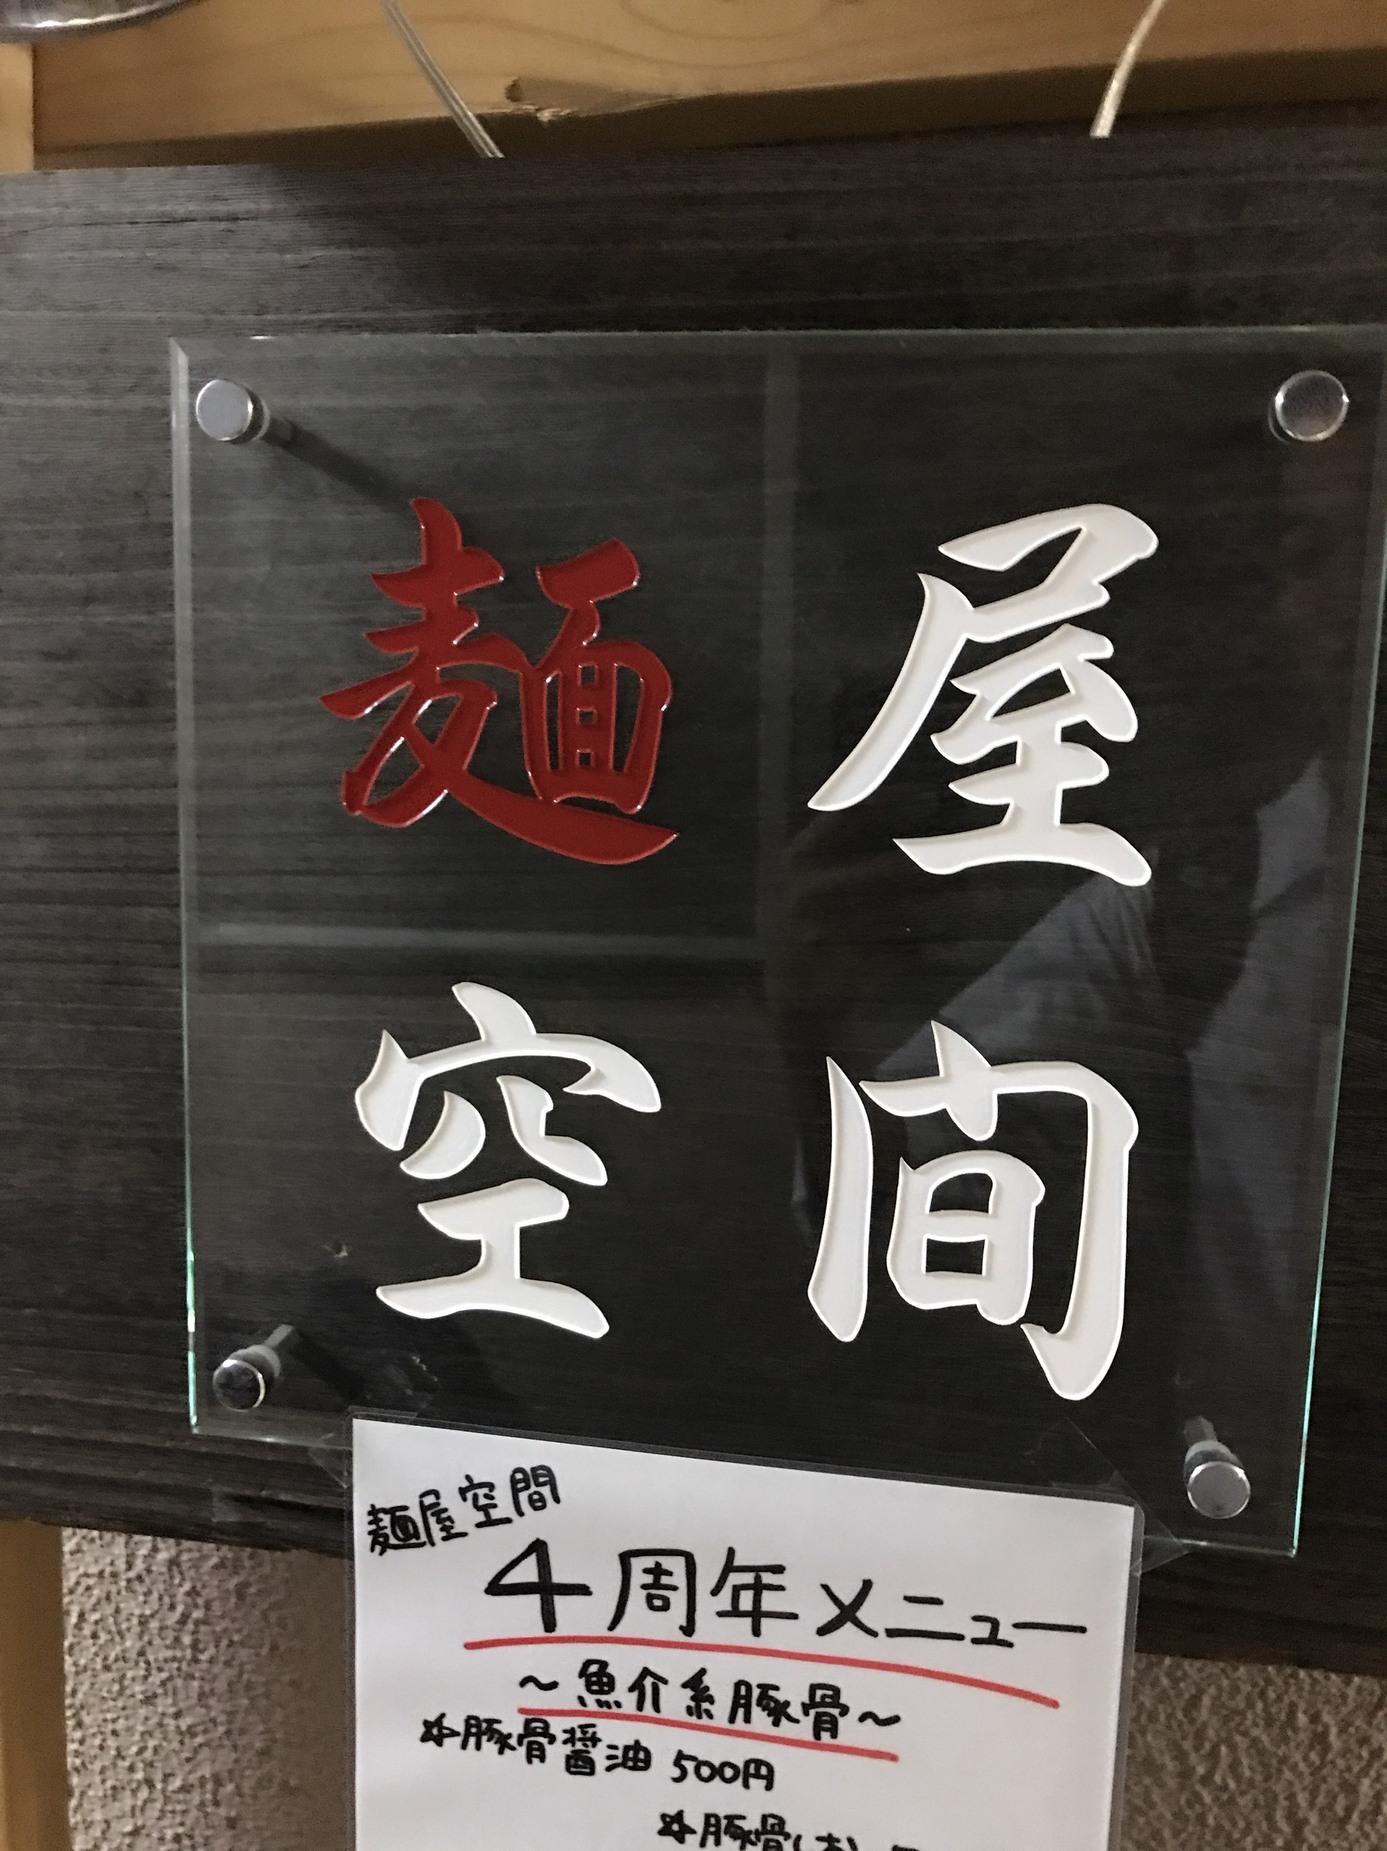 麺屋空間(menyakuukan)